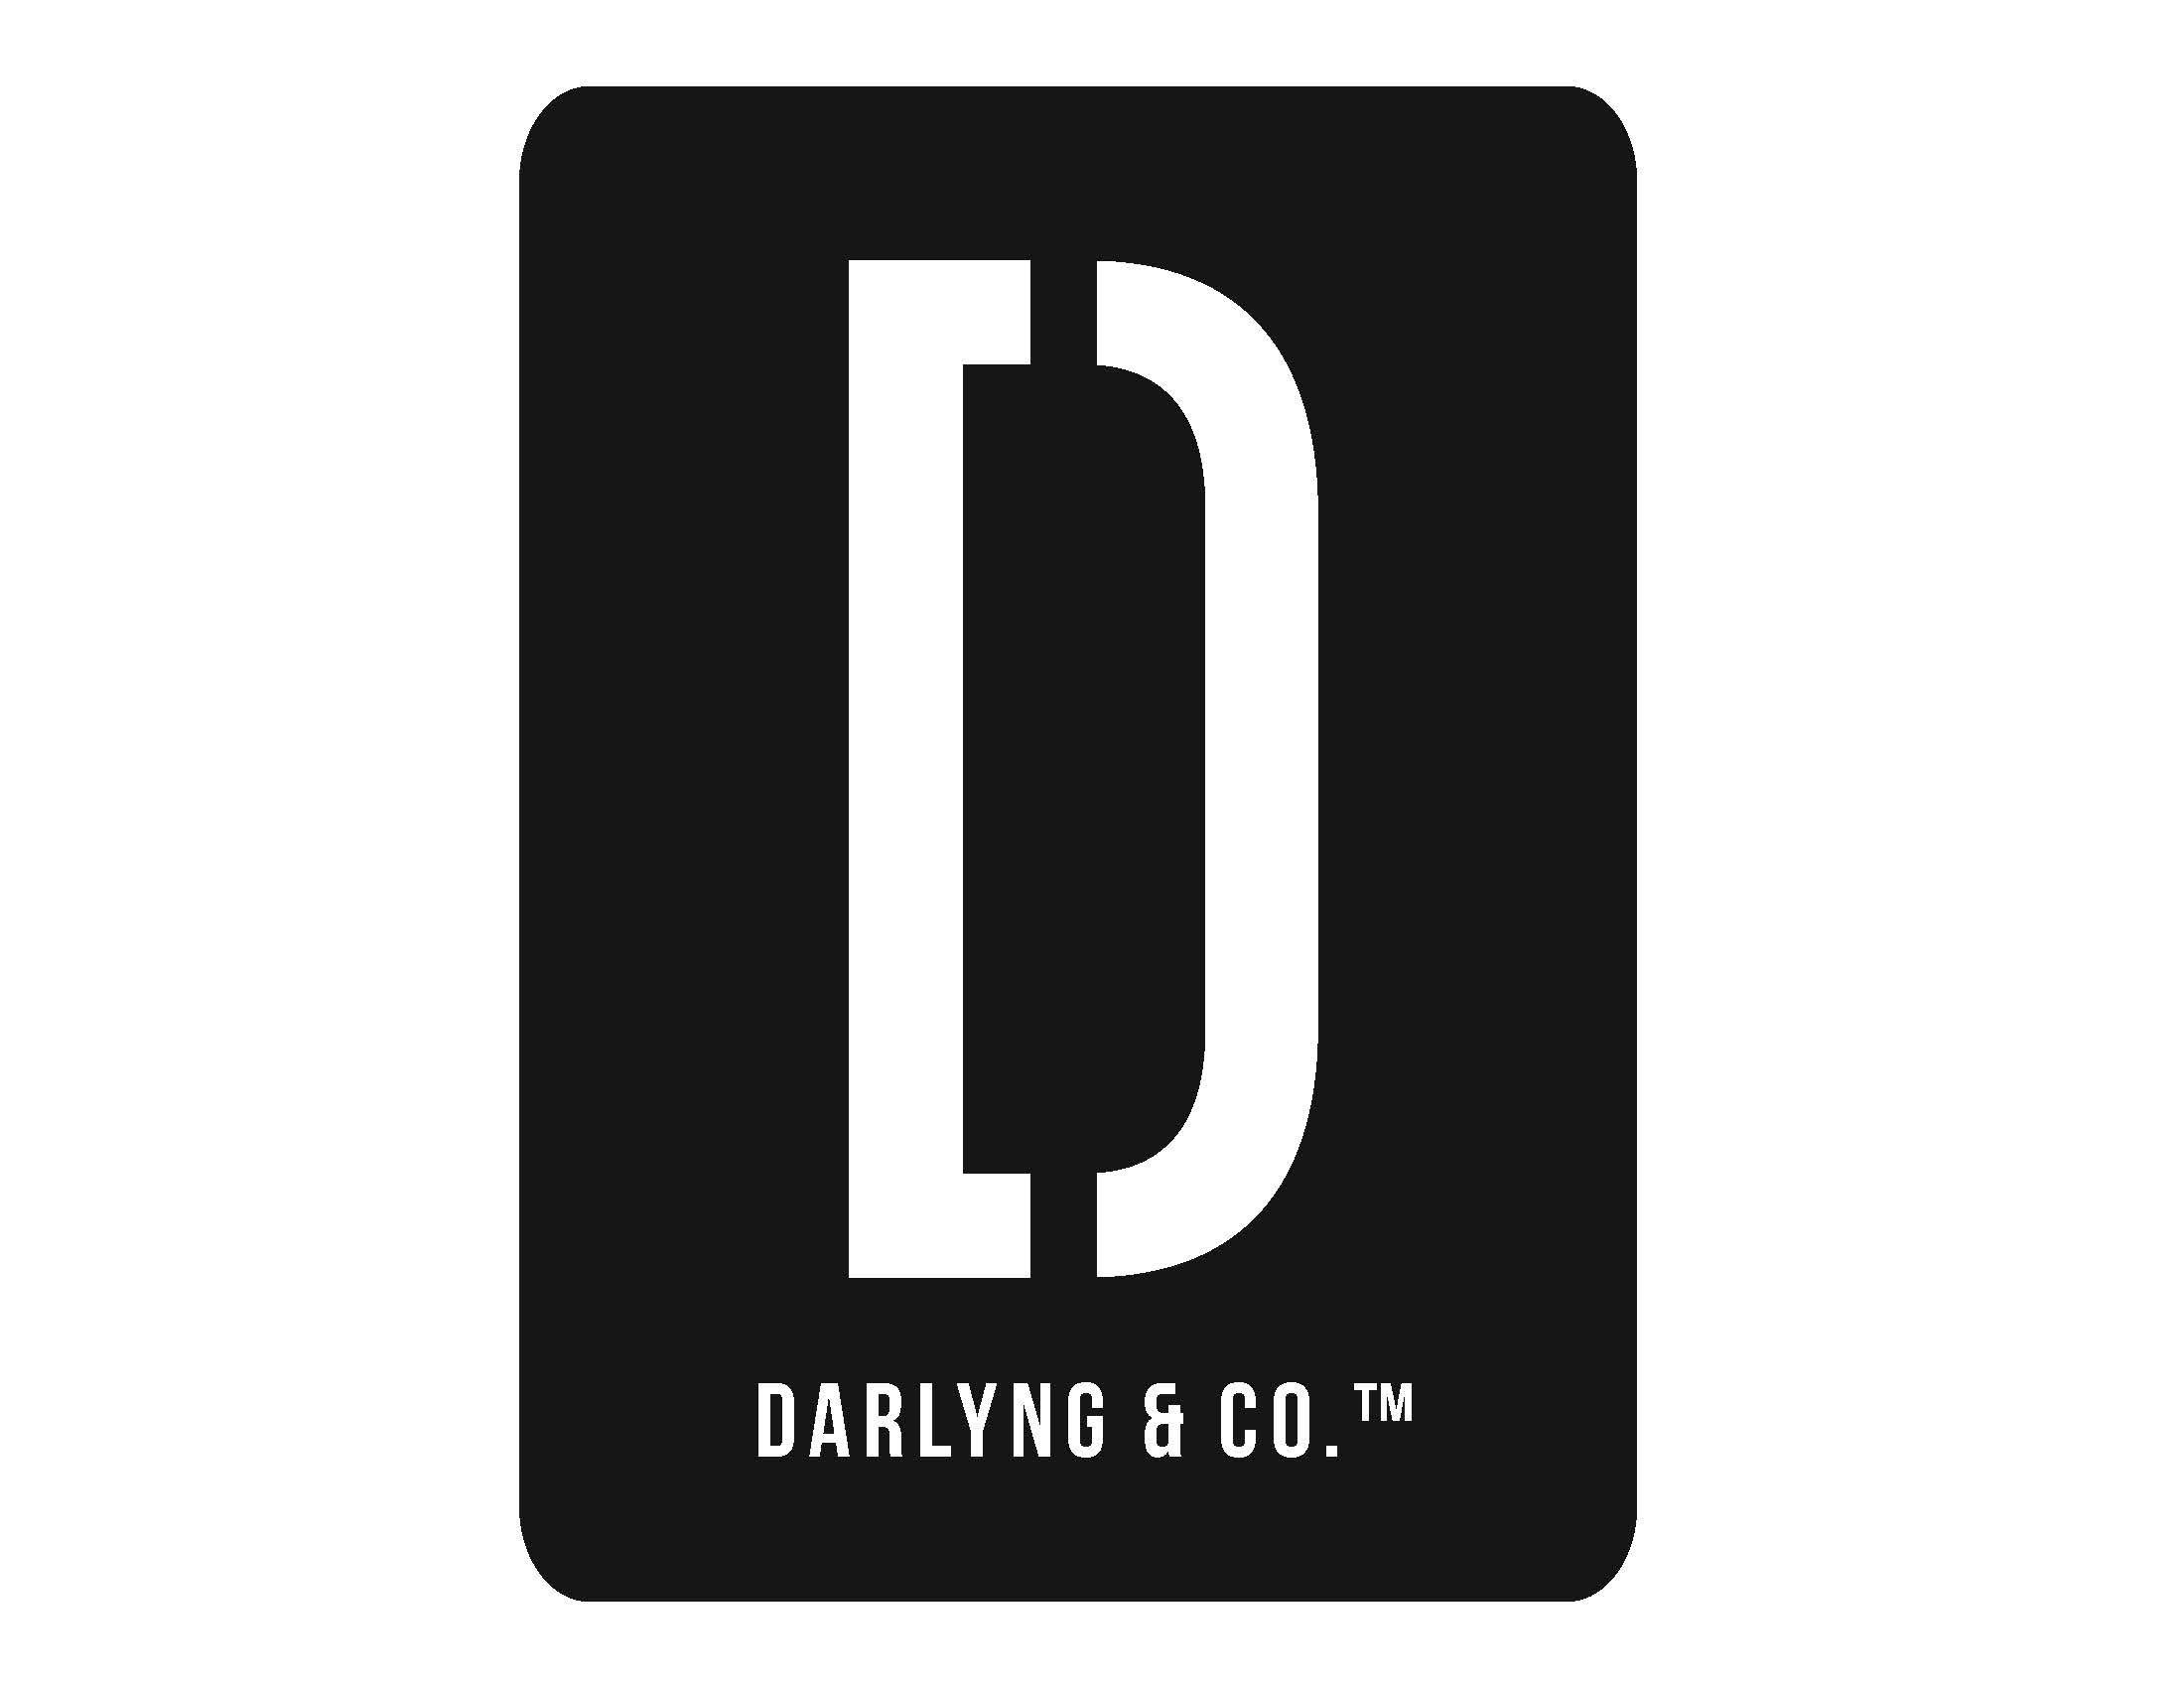 Darlyng & Company